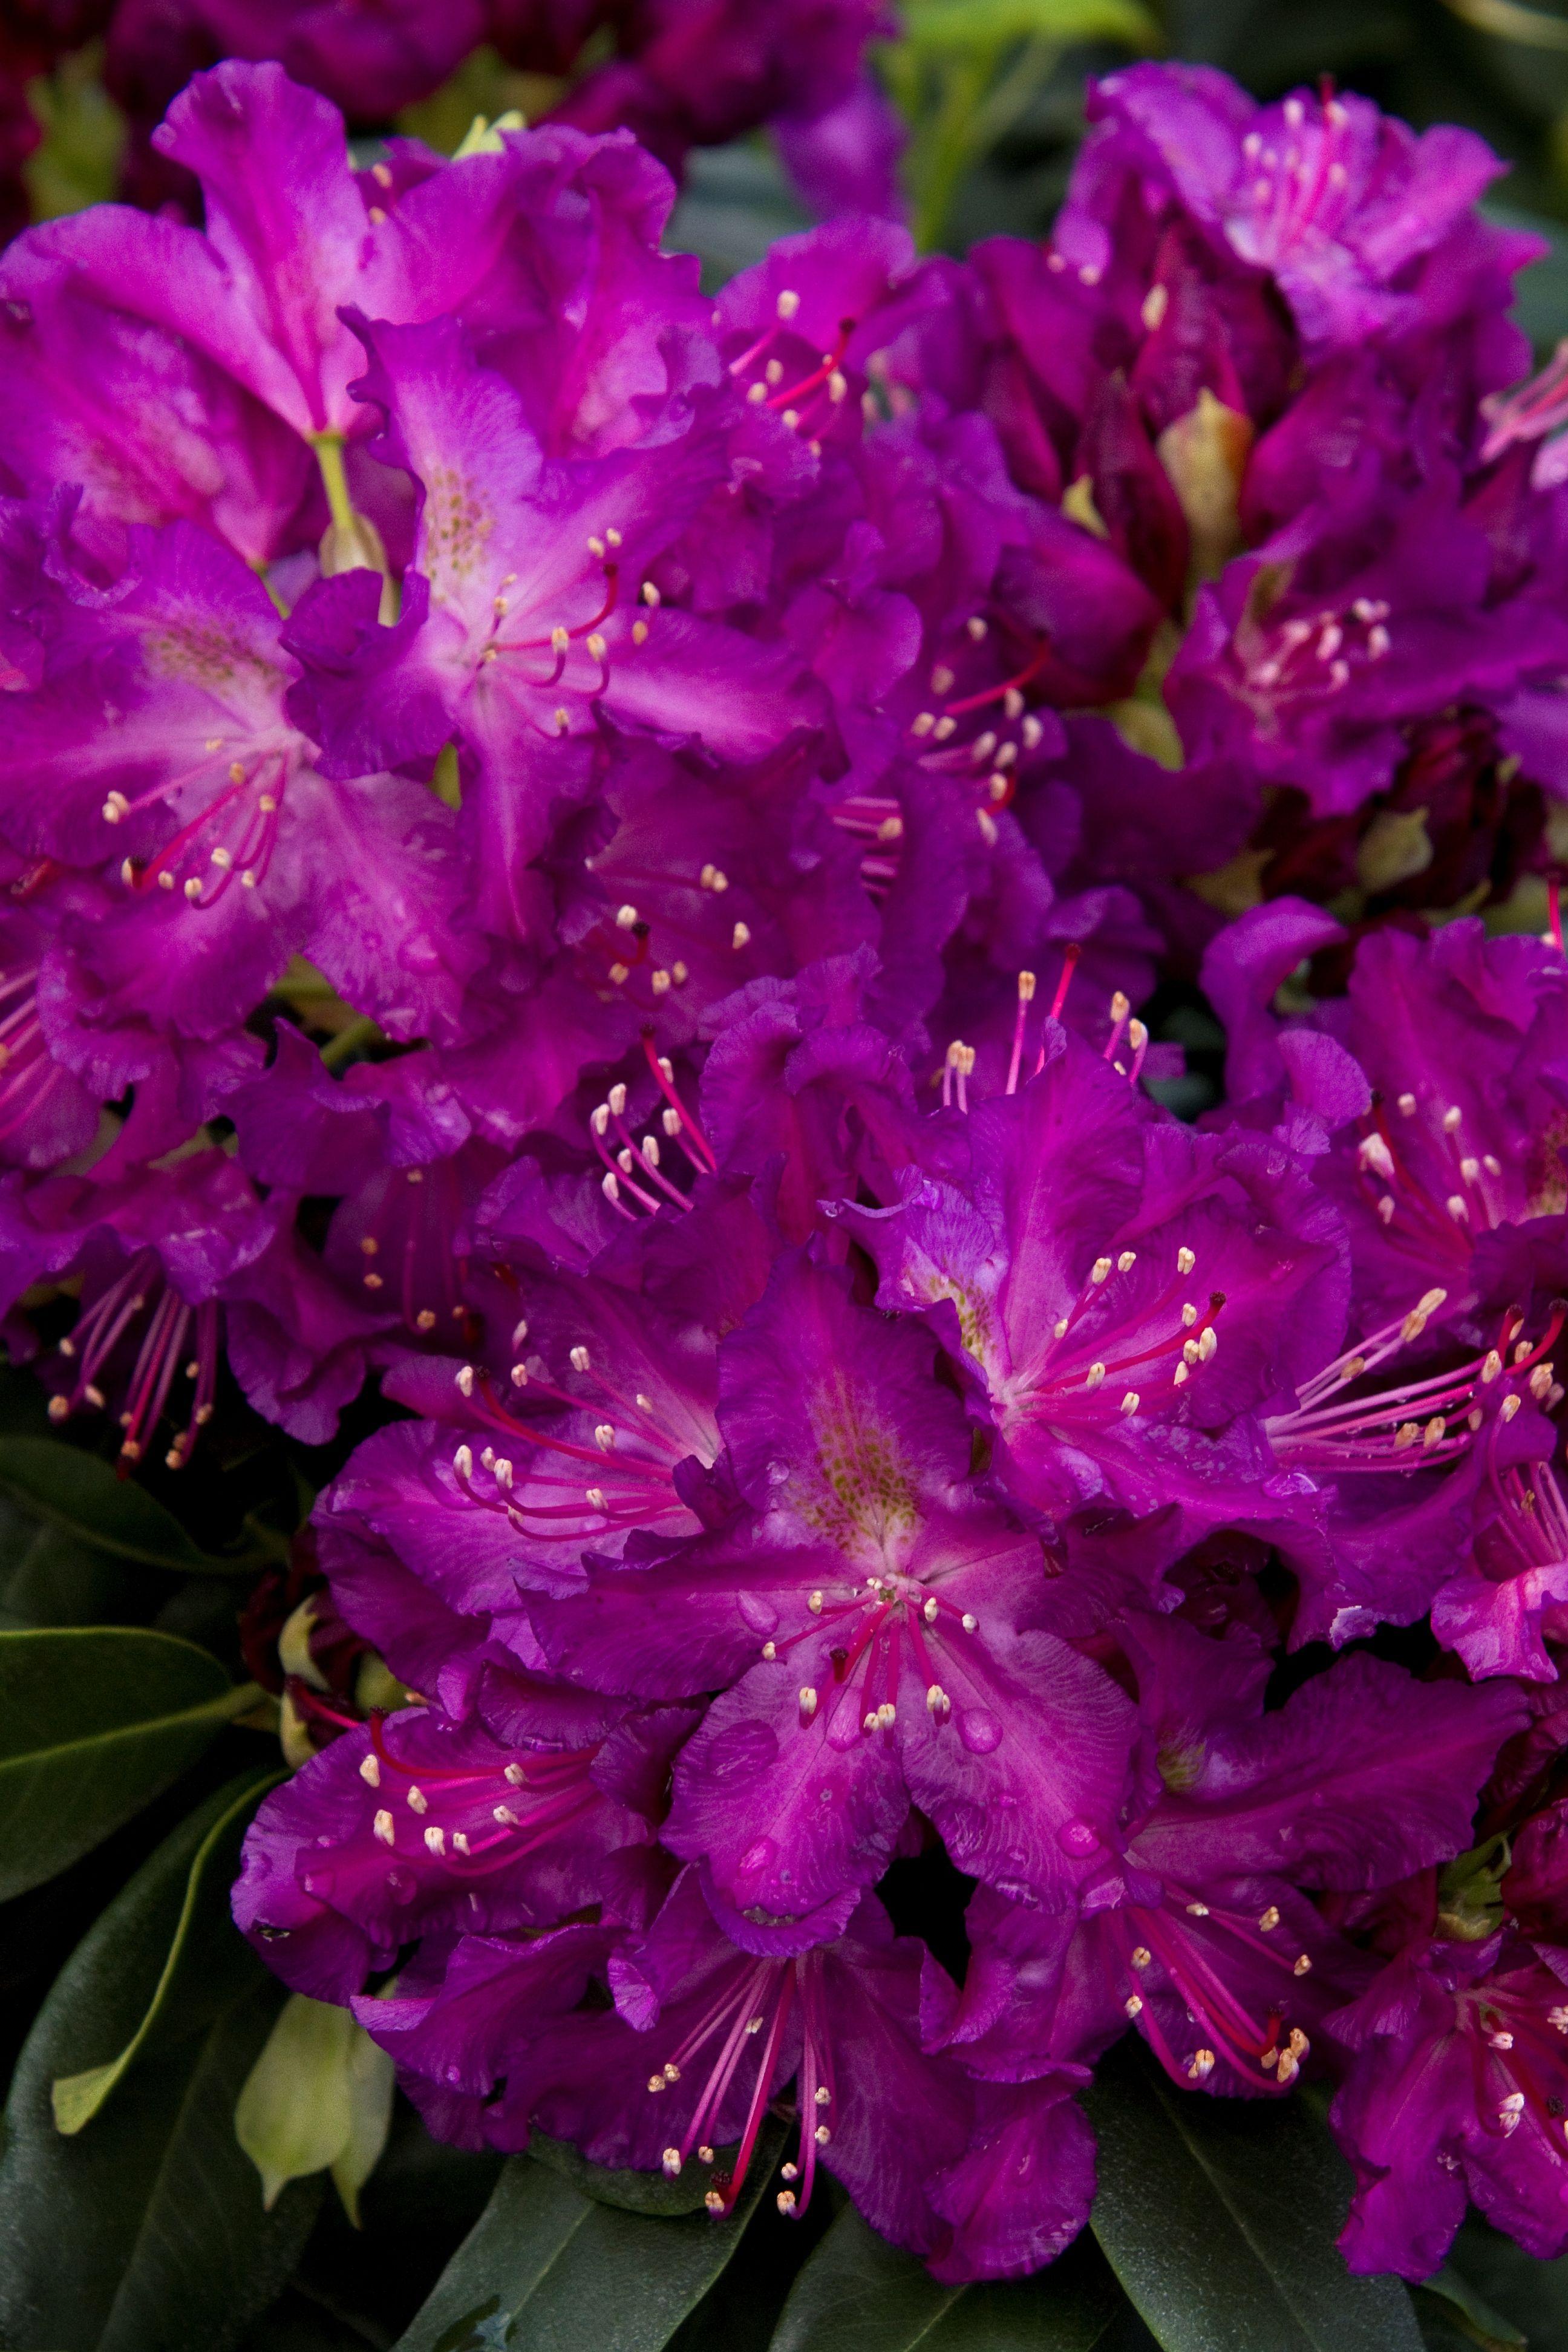 Huskymania Rhododendron Monrovia Huskymania Rhododendron Rhododendron Flowering Vines Monrovia Plants